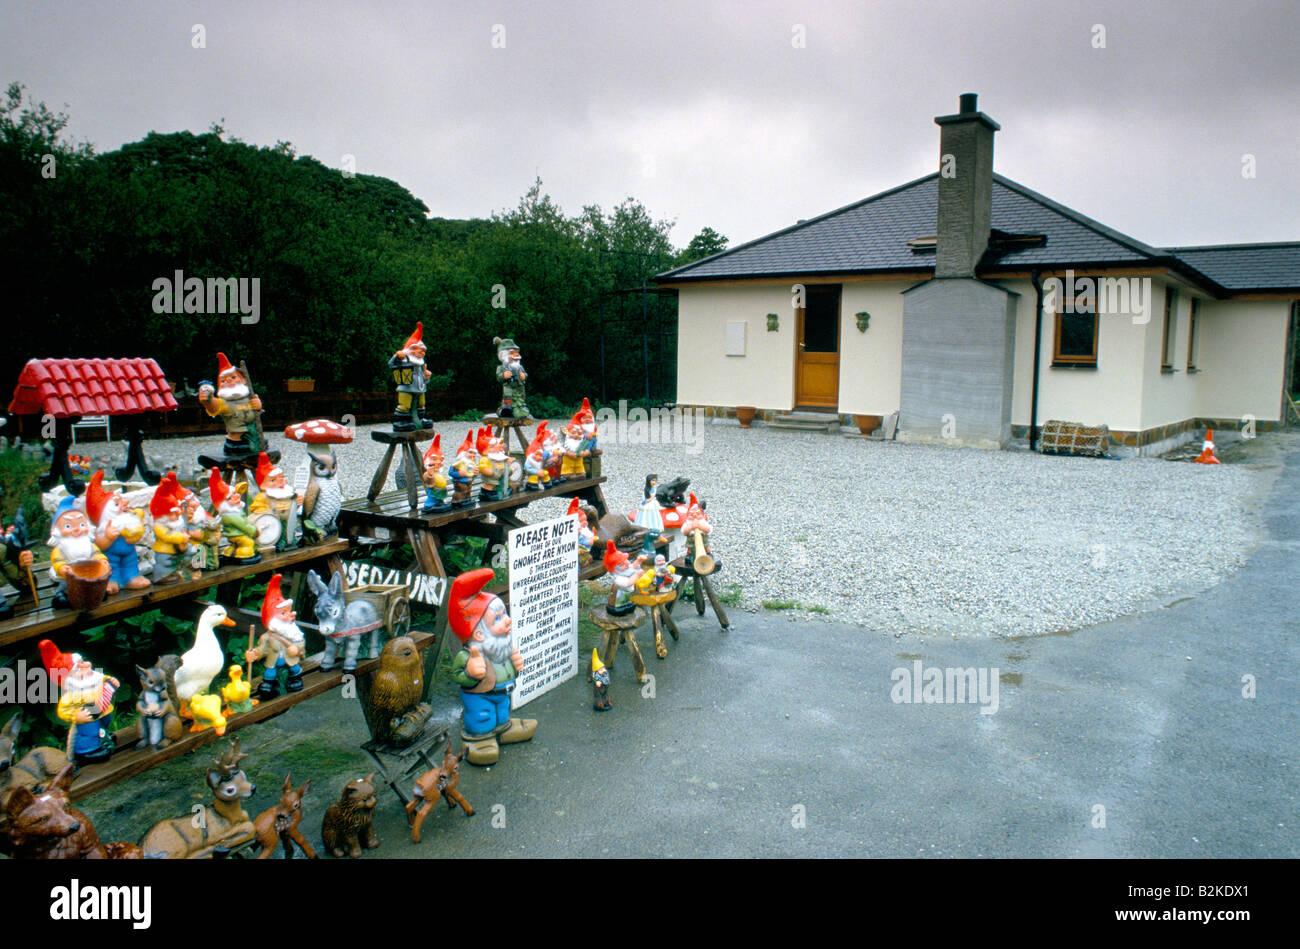 Garden Gnome Collection Stock Photos & Garden Gnome Collection Stock on